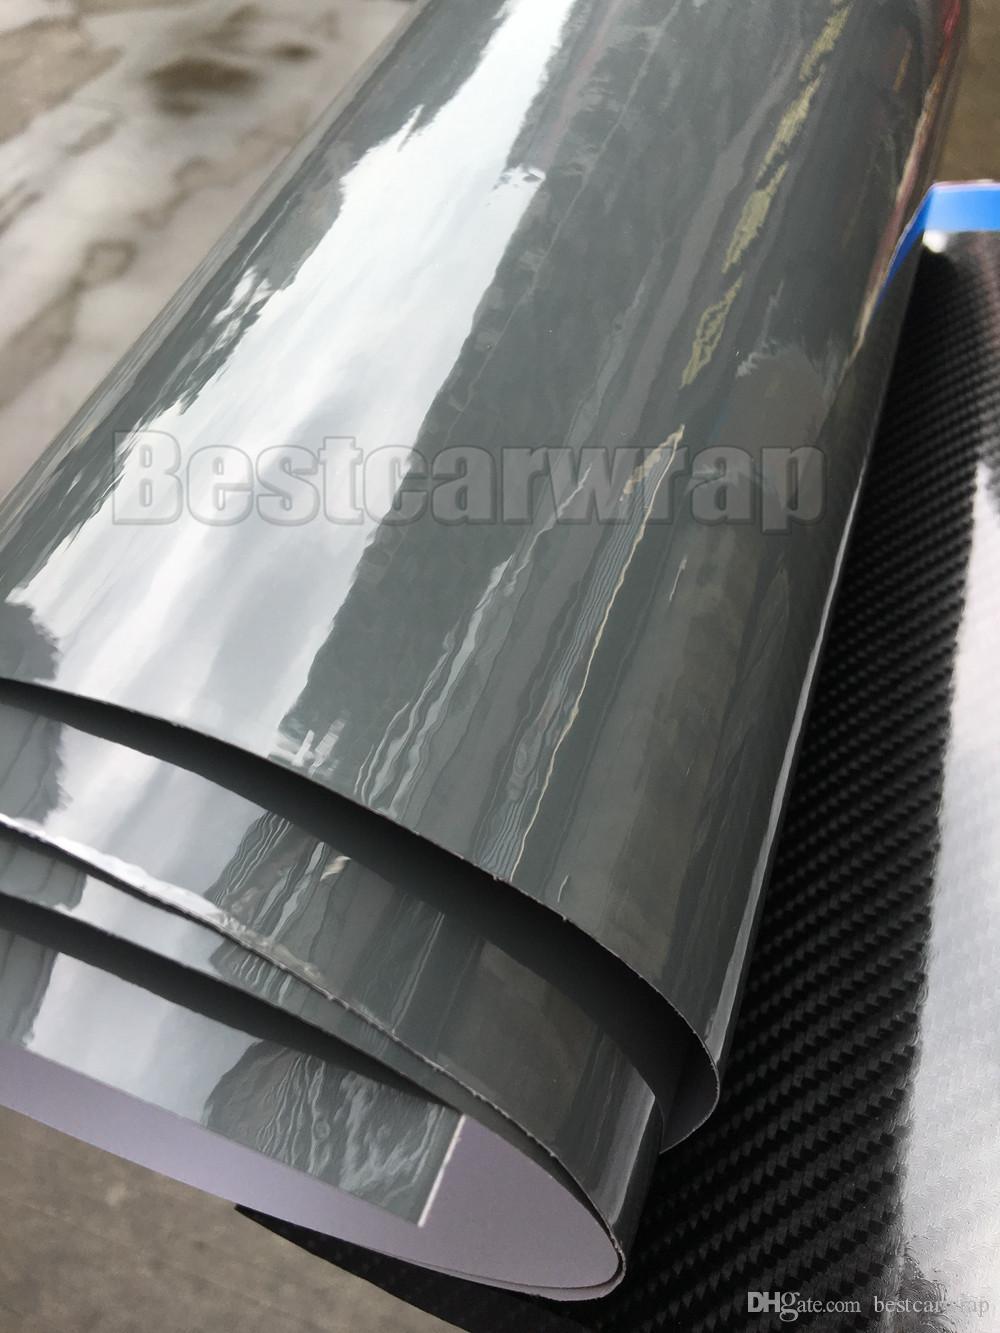 3 слоя цементный серый высокий глянец виниловая упаковка, как 3M цемент ультра глянцевый цемент автомобиль обернут пальто с воздухом свободный размер: 1,52 * 20 м / рулон 5x66ft